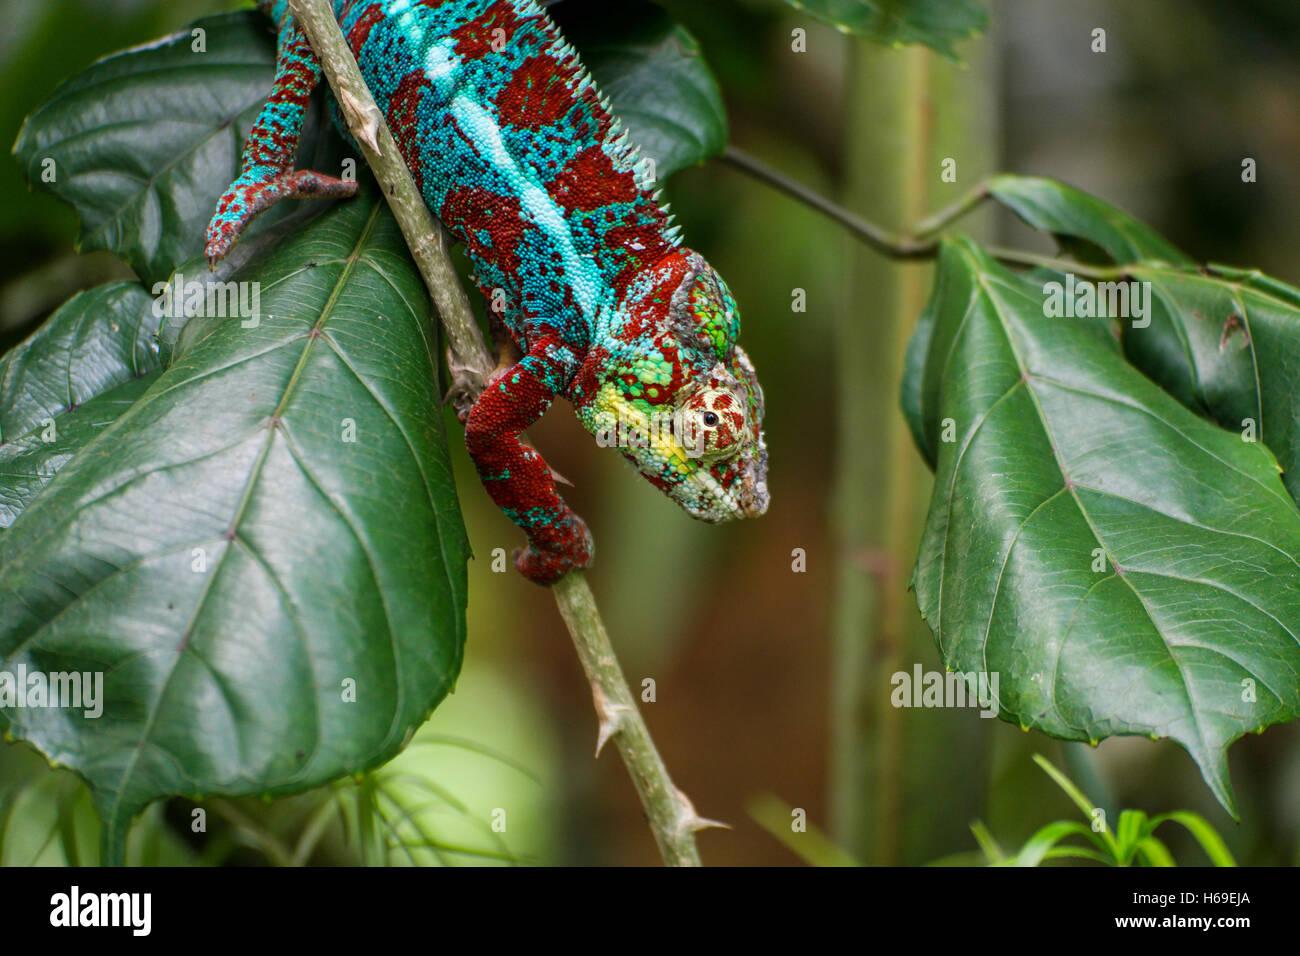 Un camaleonte salendo lungo un bastone circondato da foglie verdi Immagini Stock